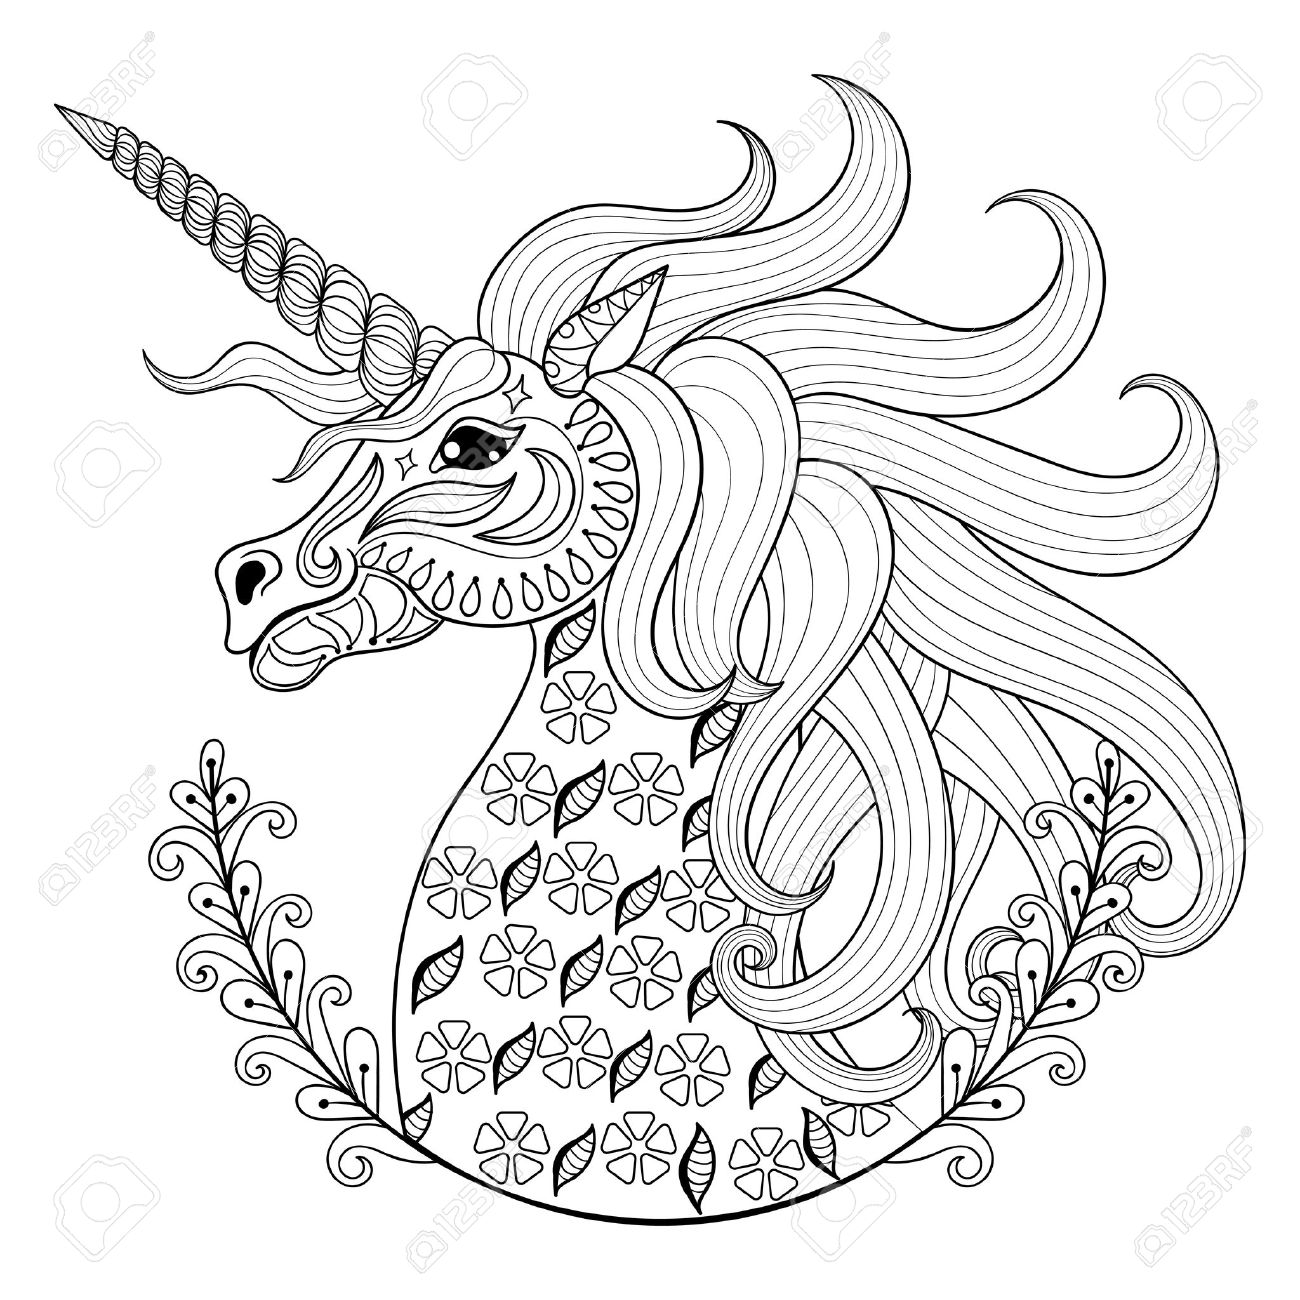 Gráfico De La Mano Del Unicornio Para Colorear Páginas Para Adultos